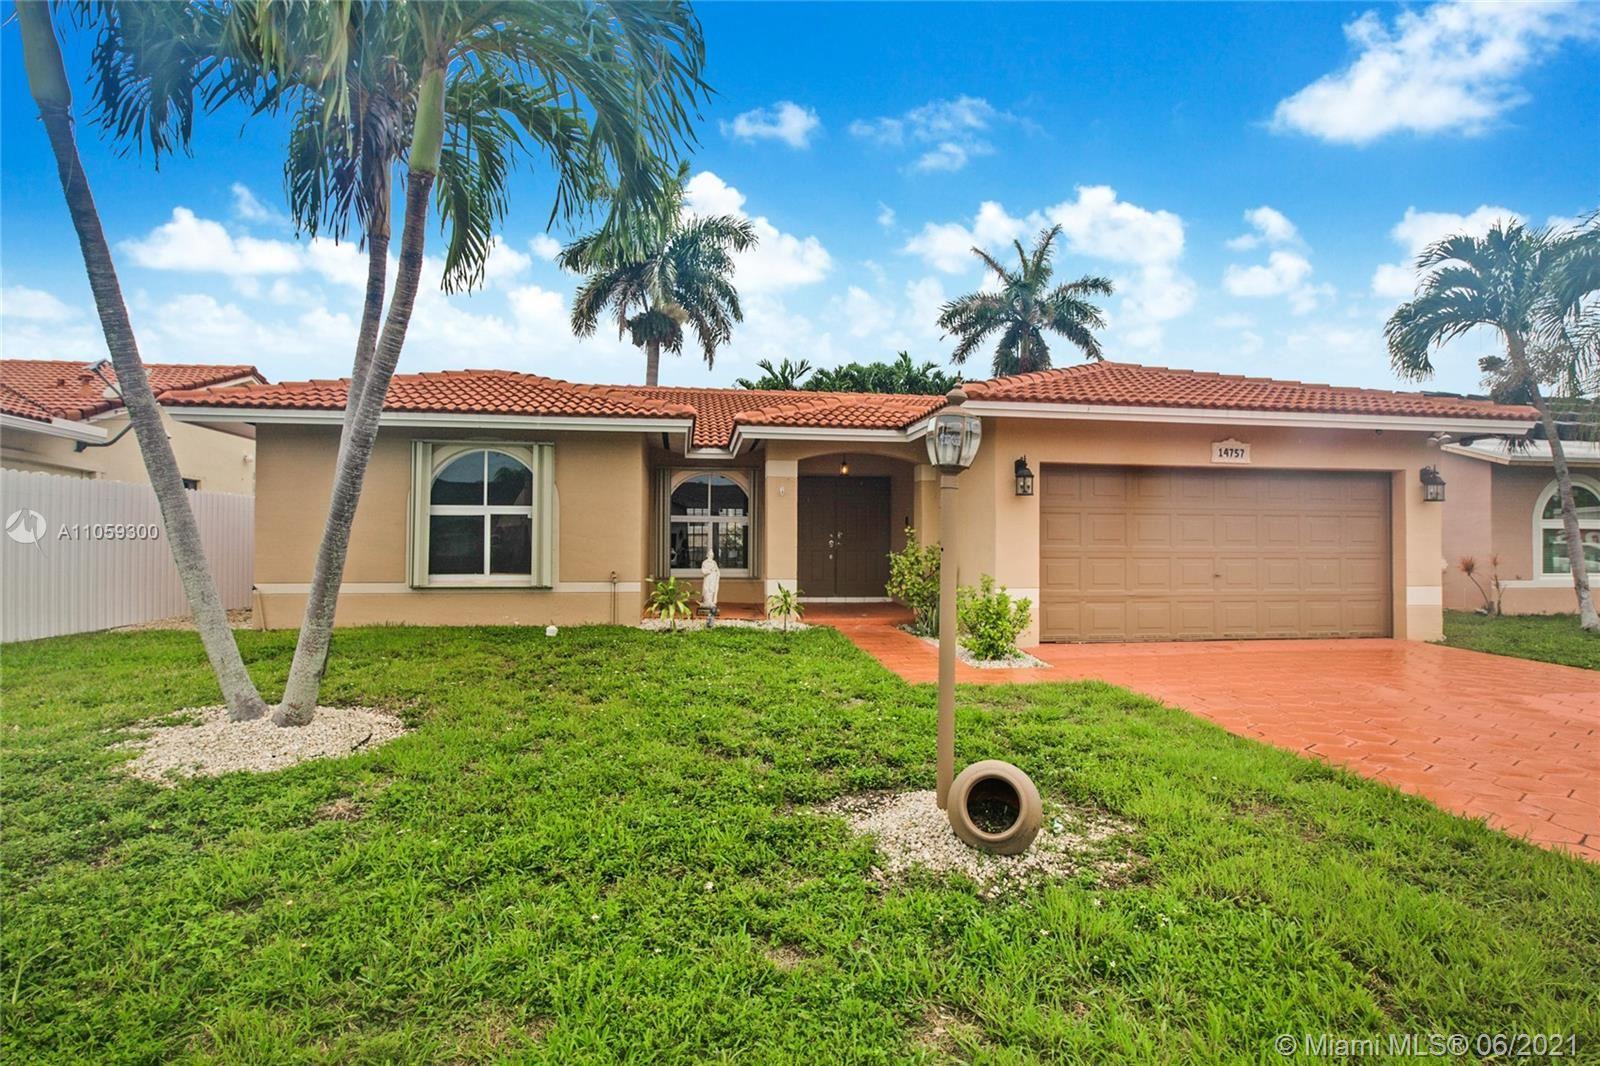 14757 SW 175th St, Miami, FL 33187 - #: A11059300